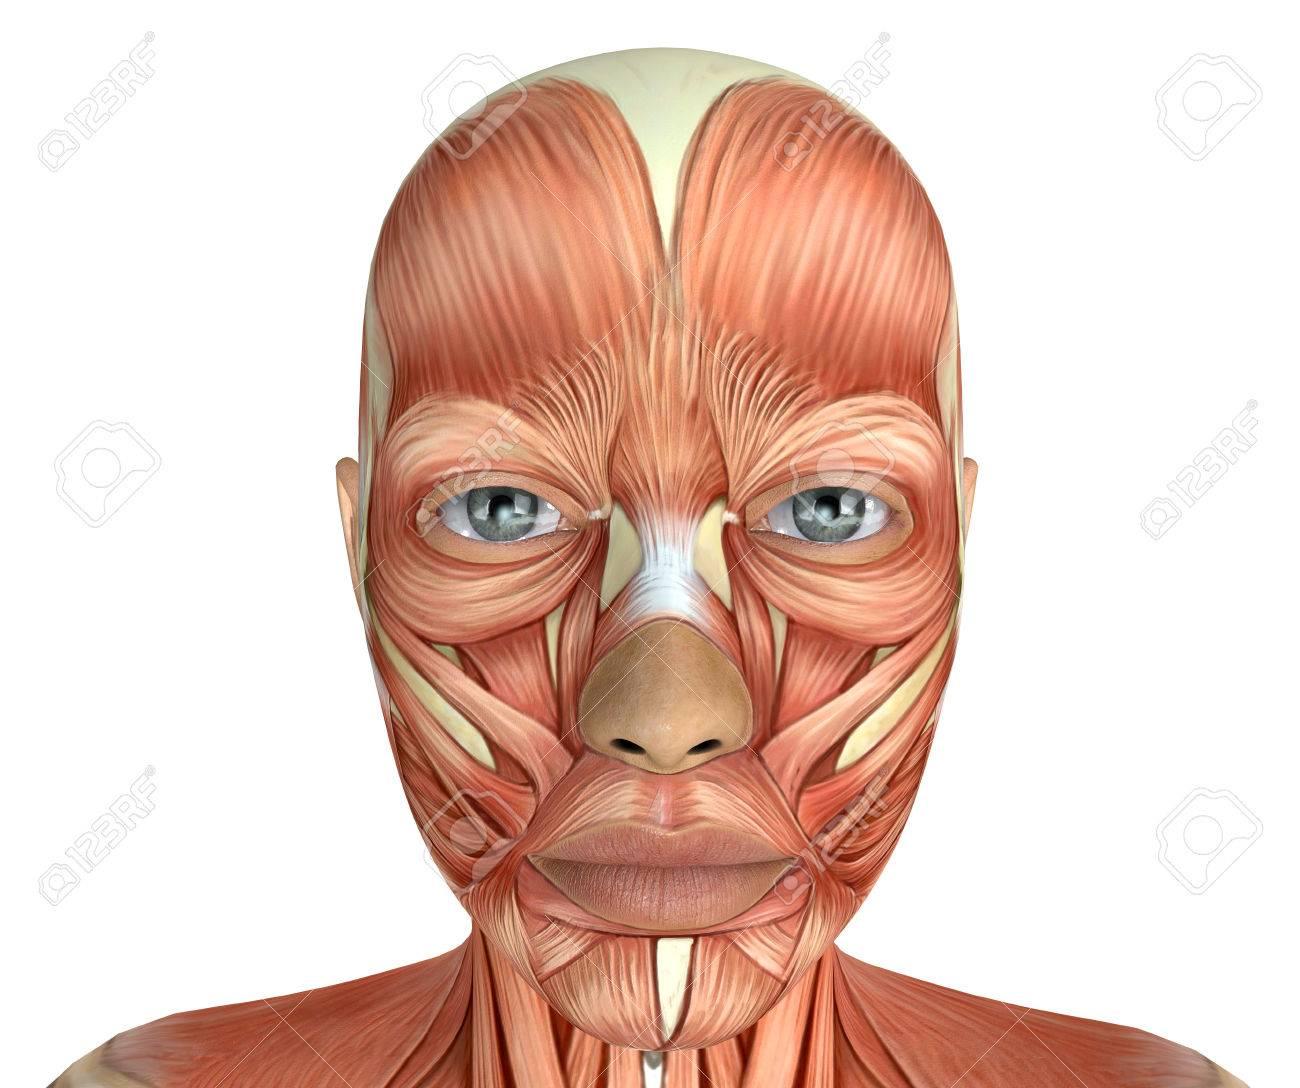 Los Músculos De Cara Femenina Anatomía 3d Rindió La Ilustración ...